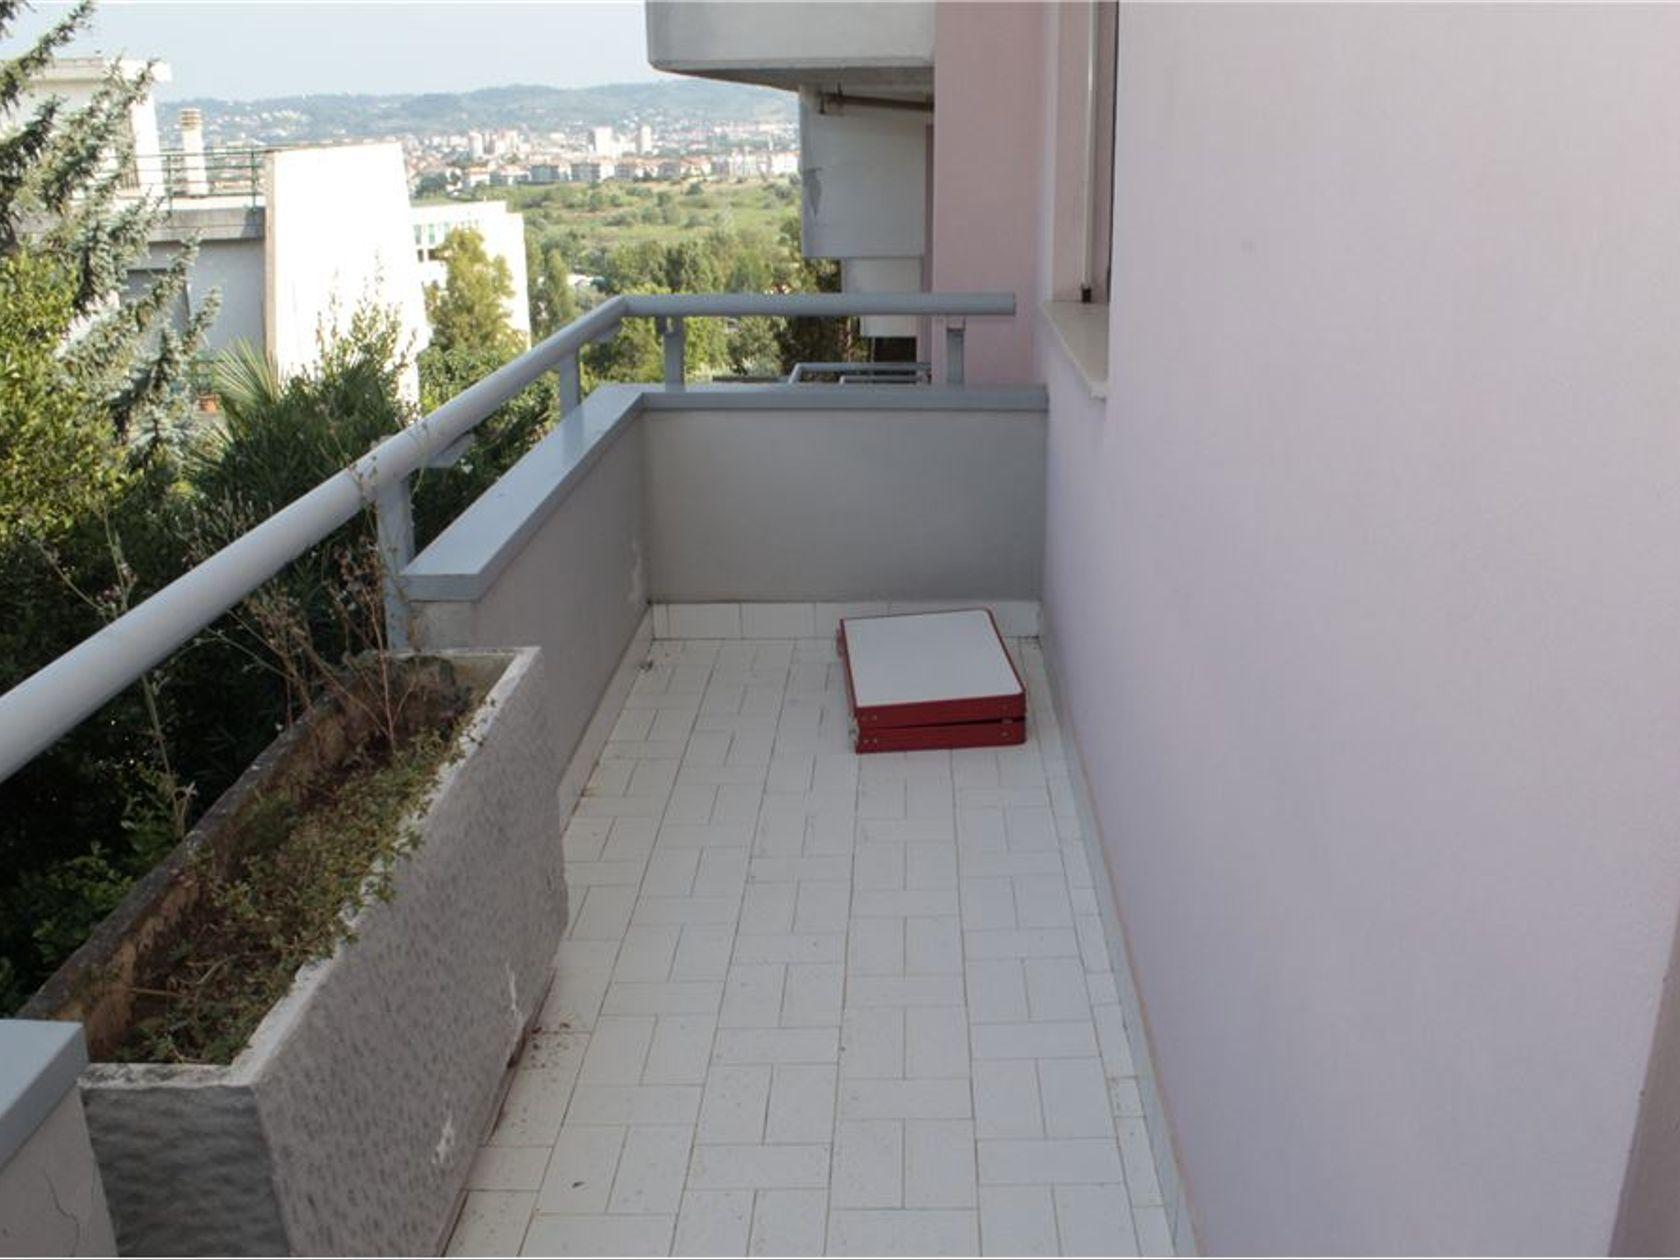 Villa a schiera Pescara-colle Innamorati, Pescara, PE Vendita - Foto 23